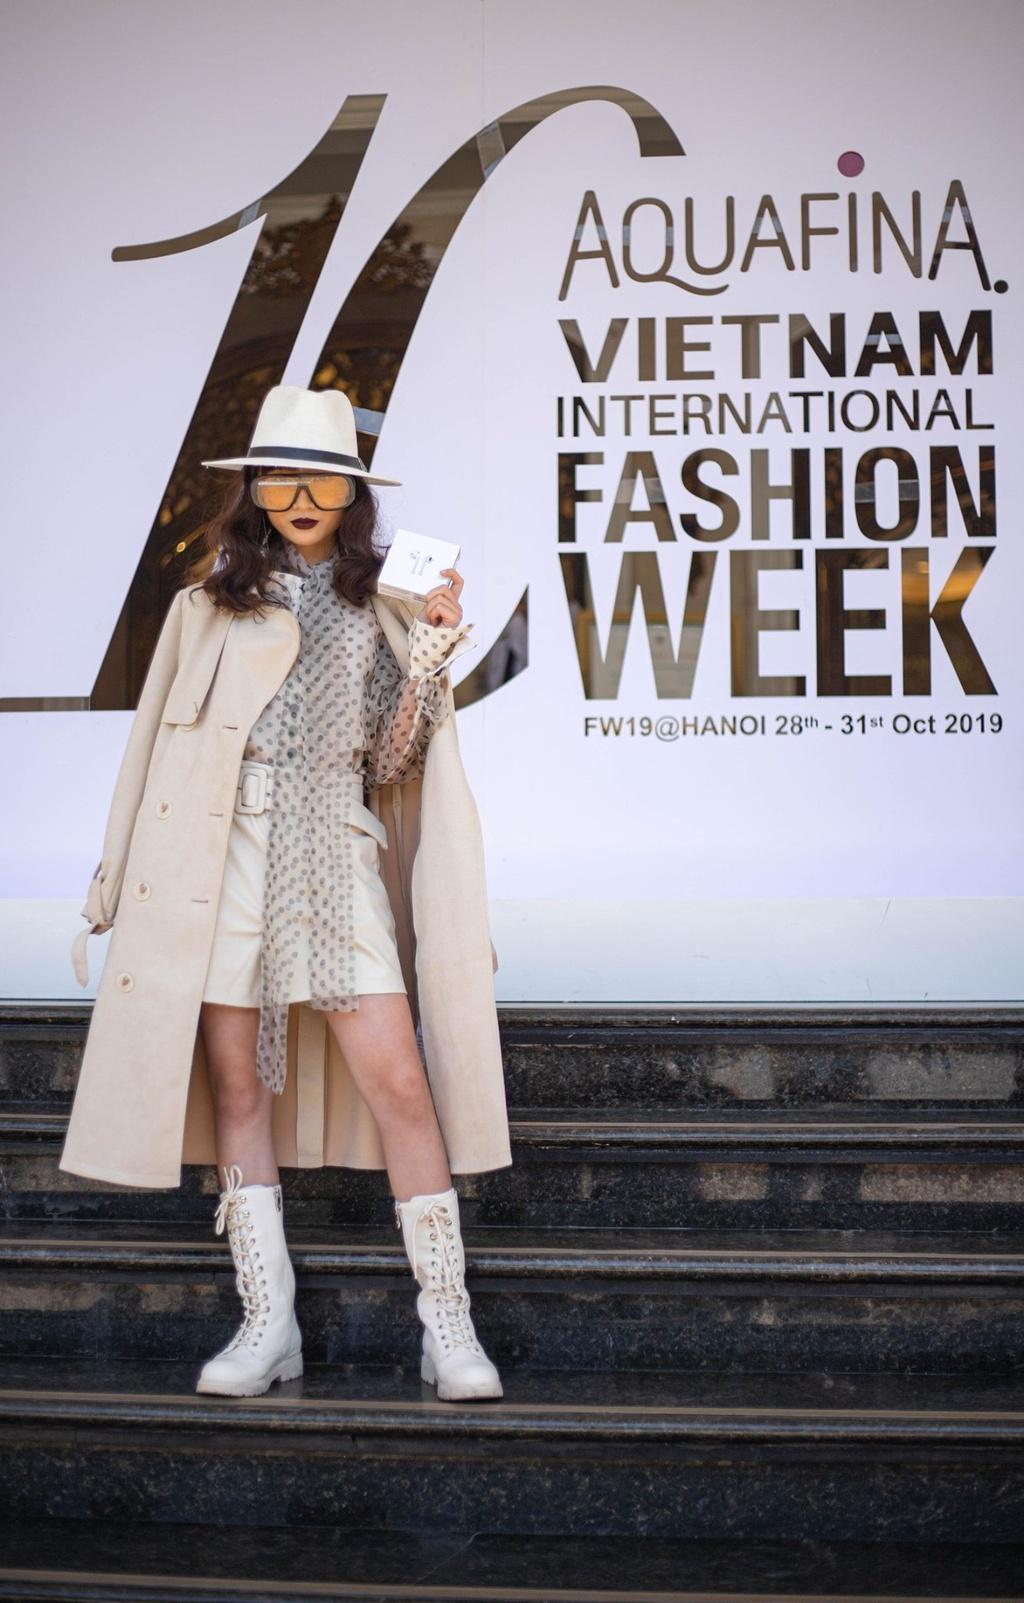 Nhung ban tre nao gianh giai street style tai pho Trang Tien? hinh anh 7